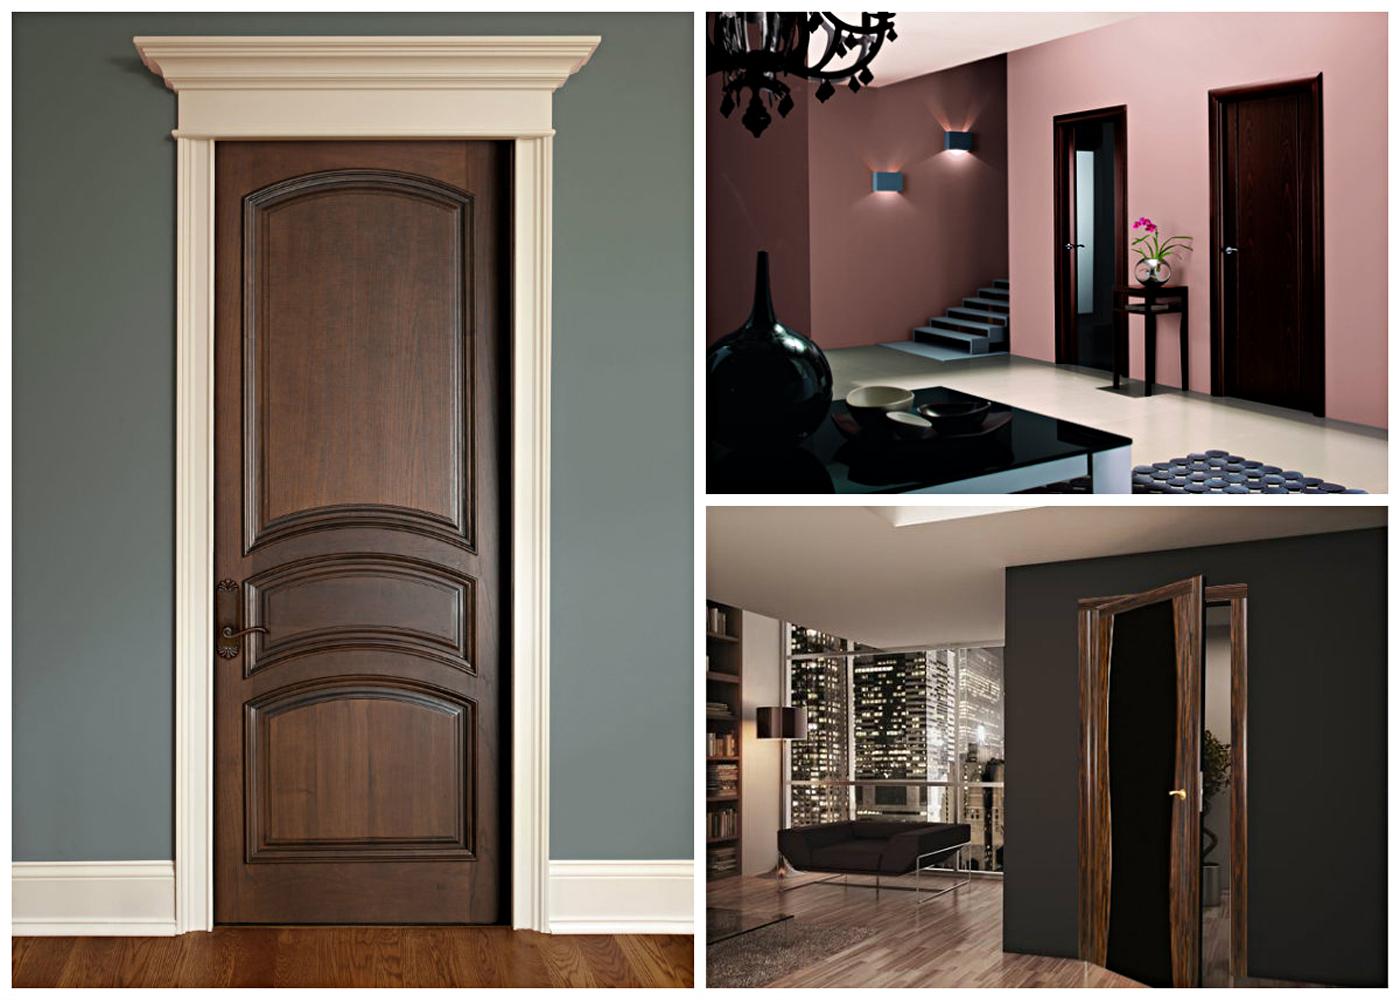 gaišas durvis guļamistabas dizainā